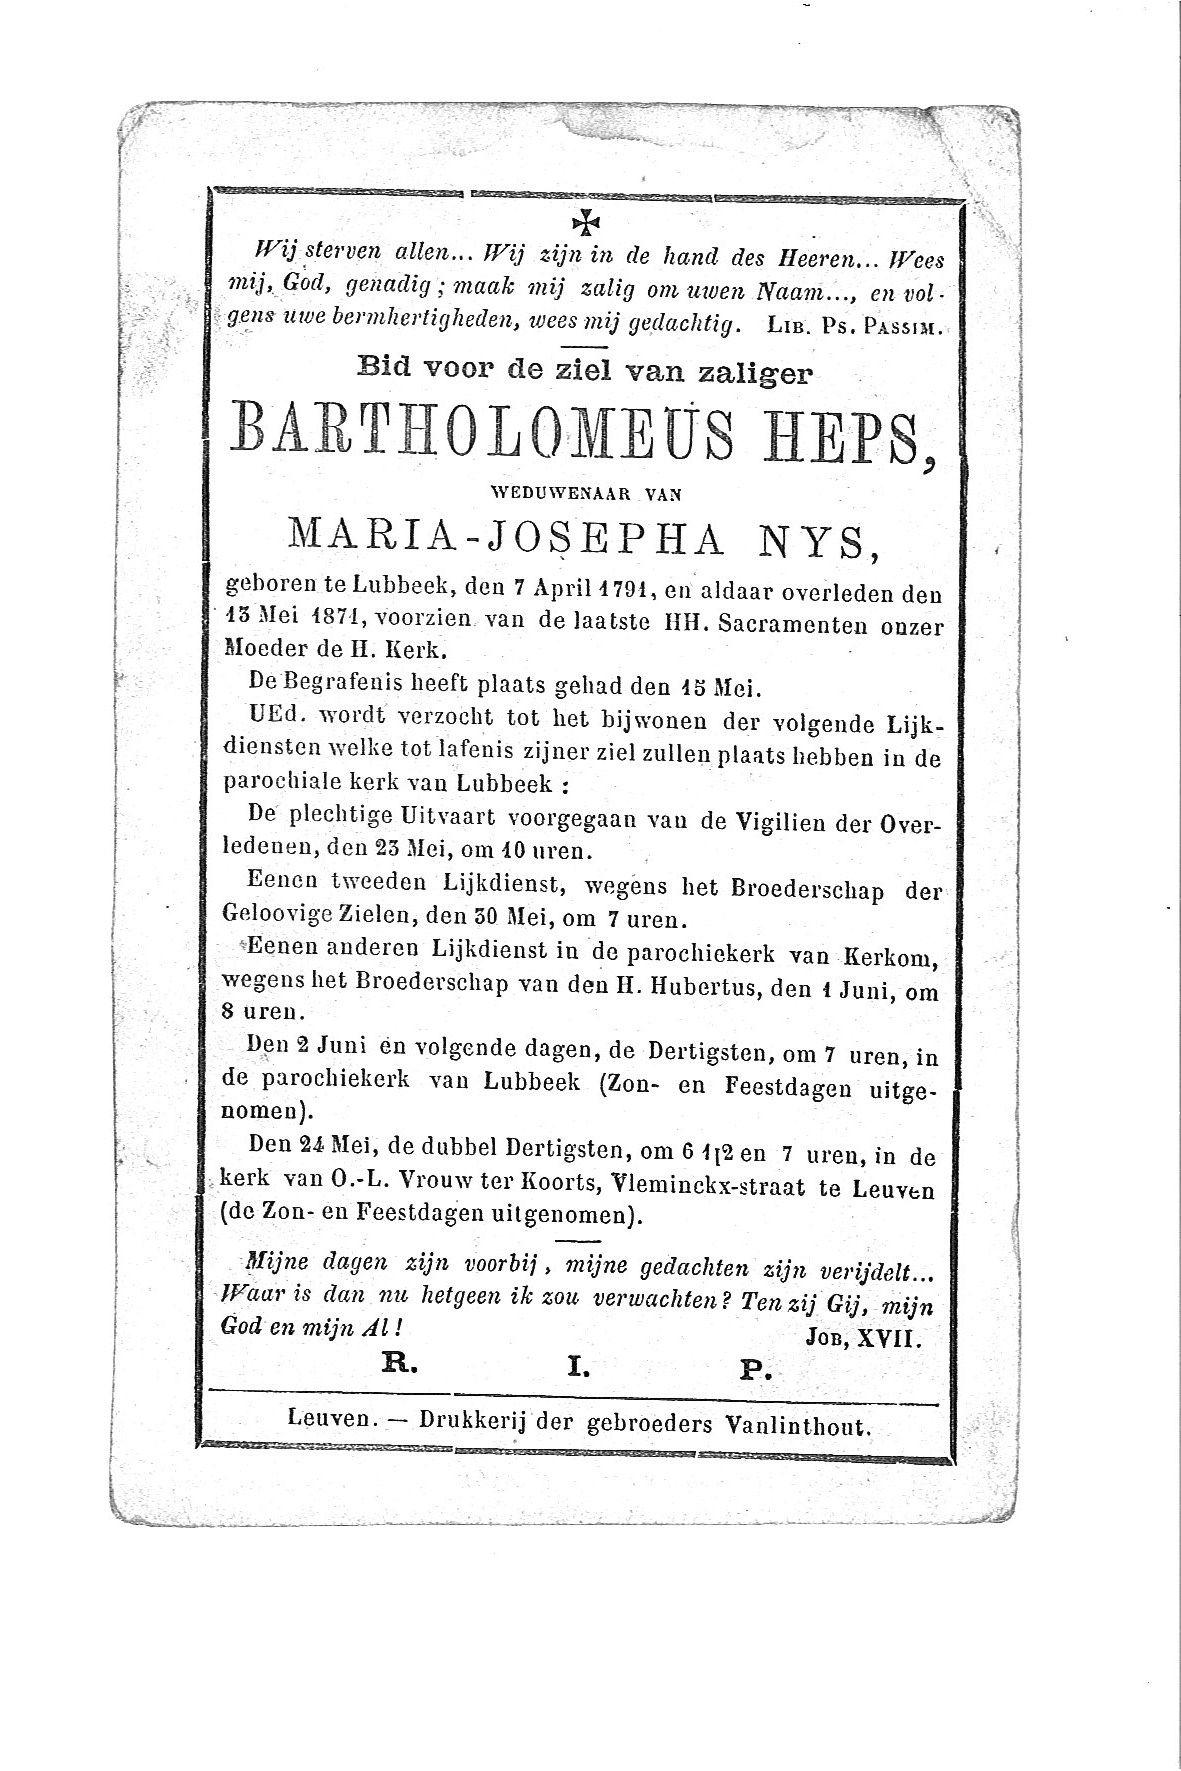 bartholomeus(1871)20090427112512_00037.jpg